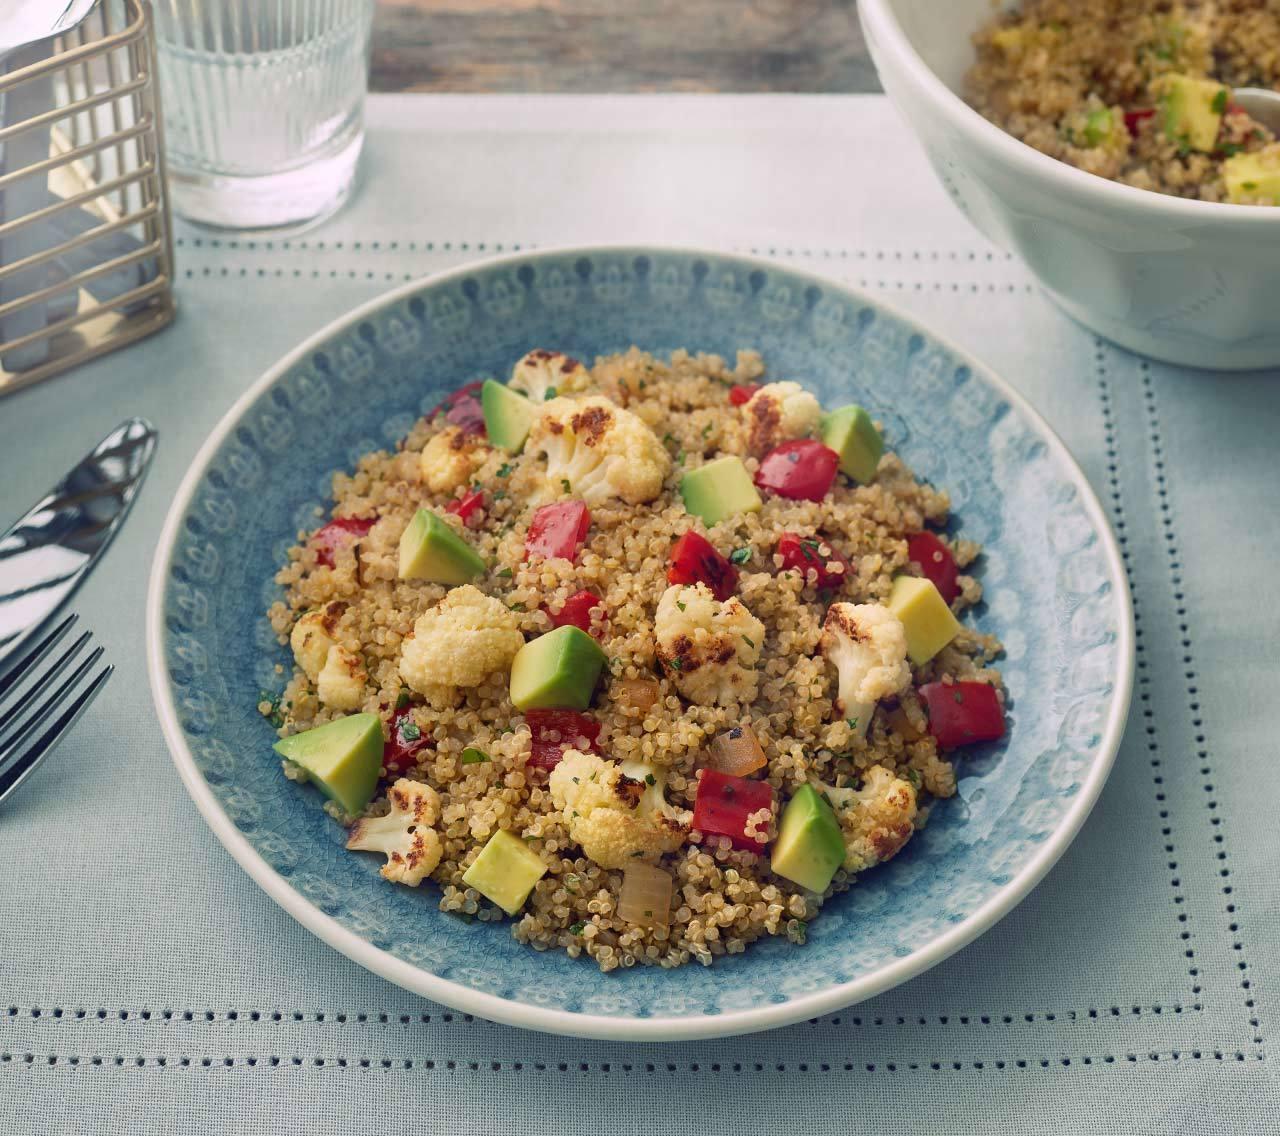 Salade de chou-fleur et quinoa au miel et à la lime